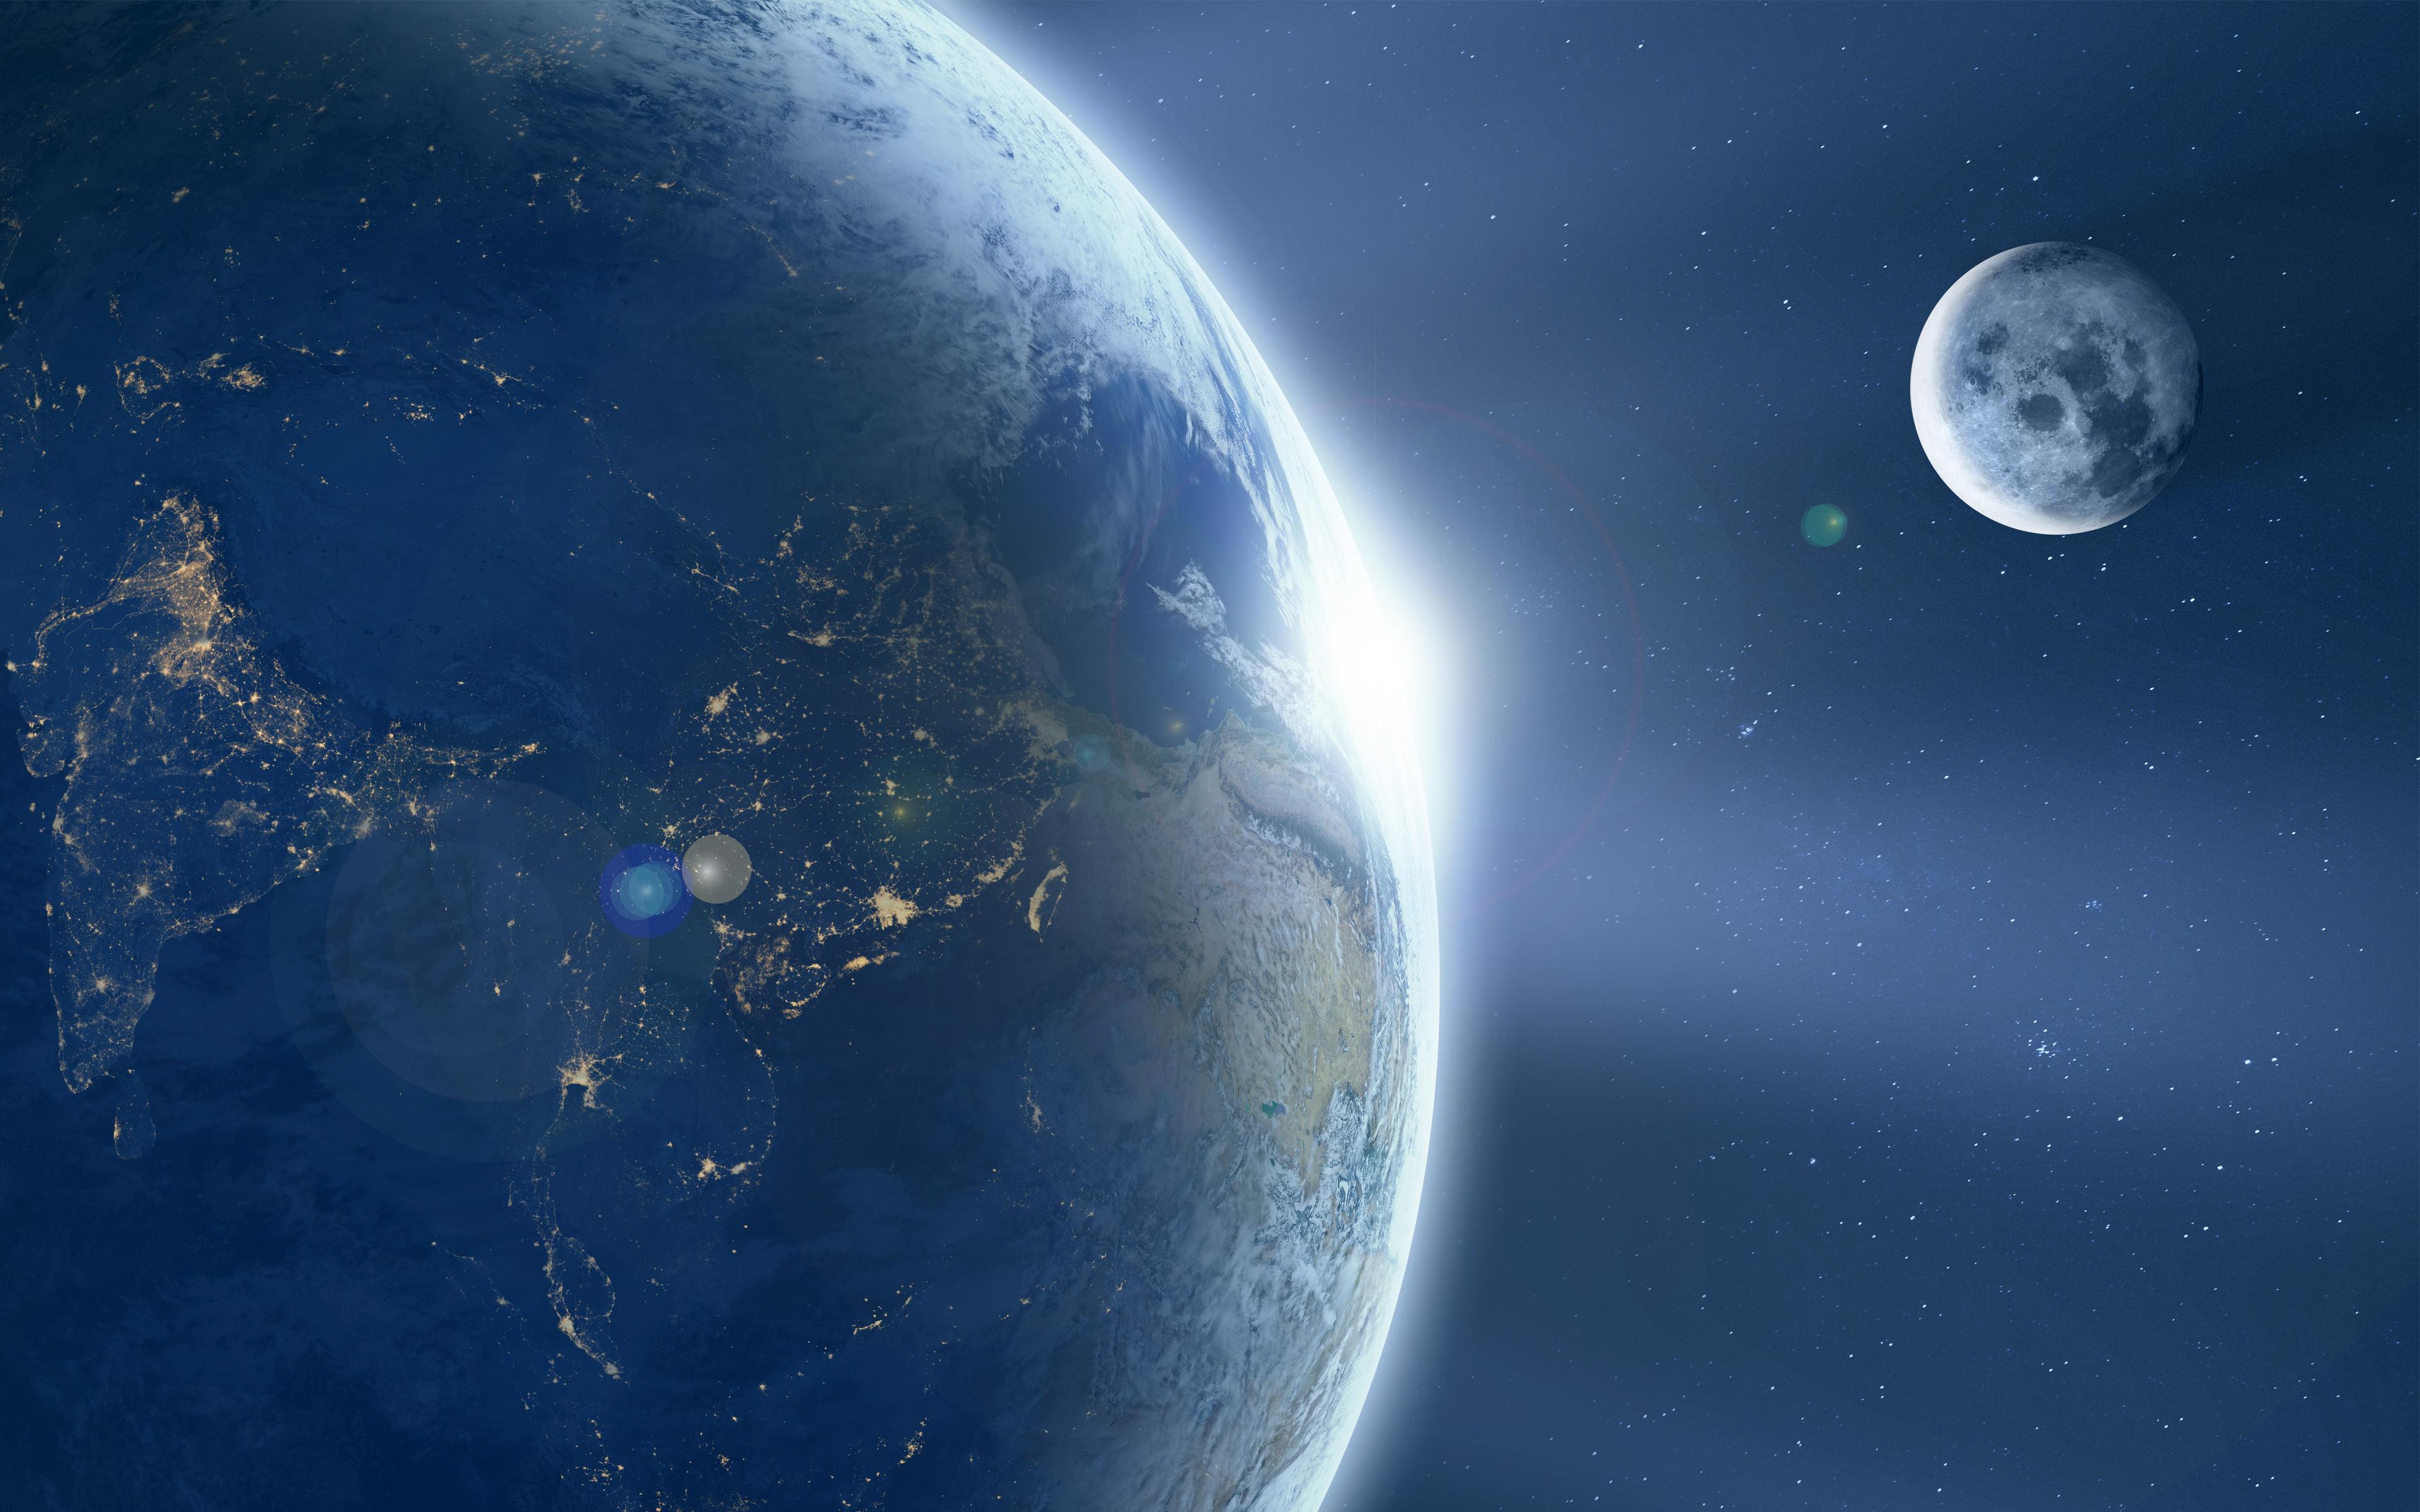 Земля-луна обои скачать